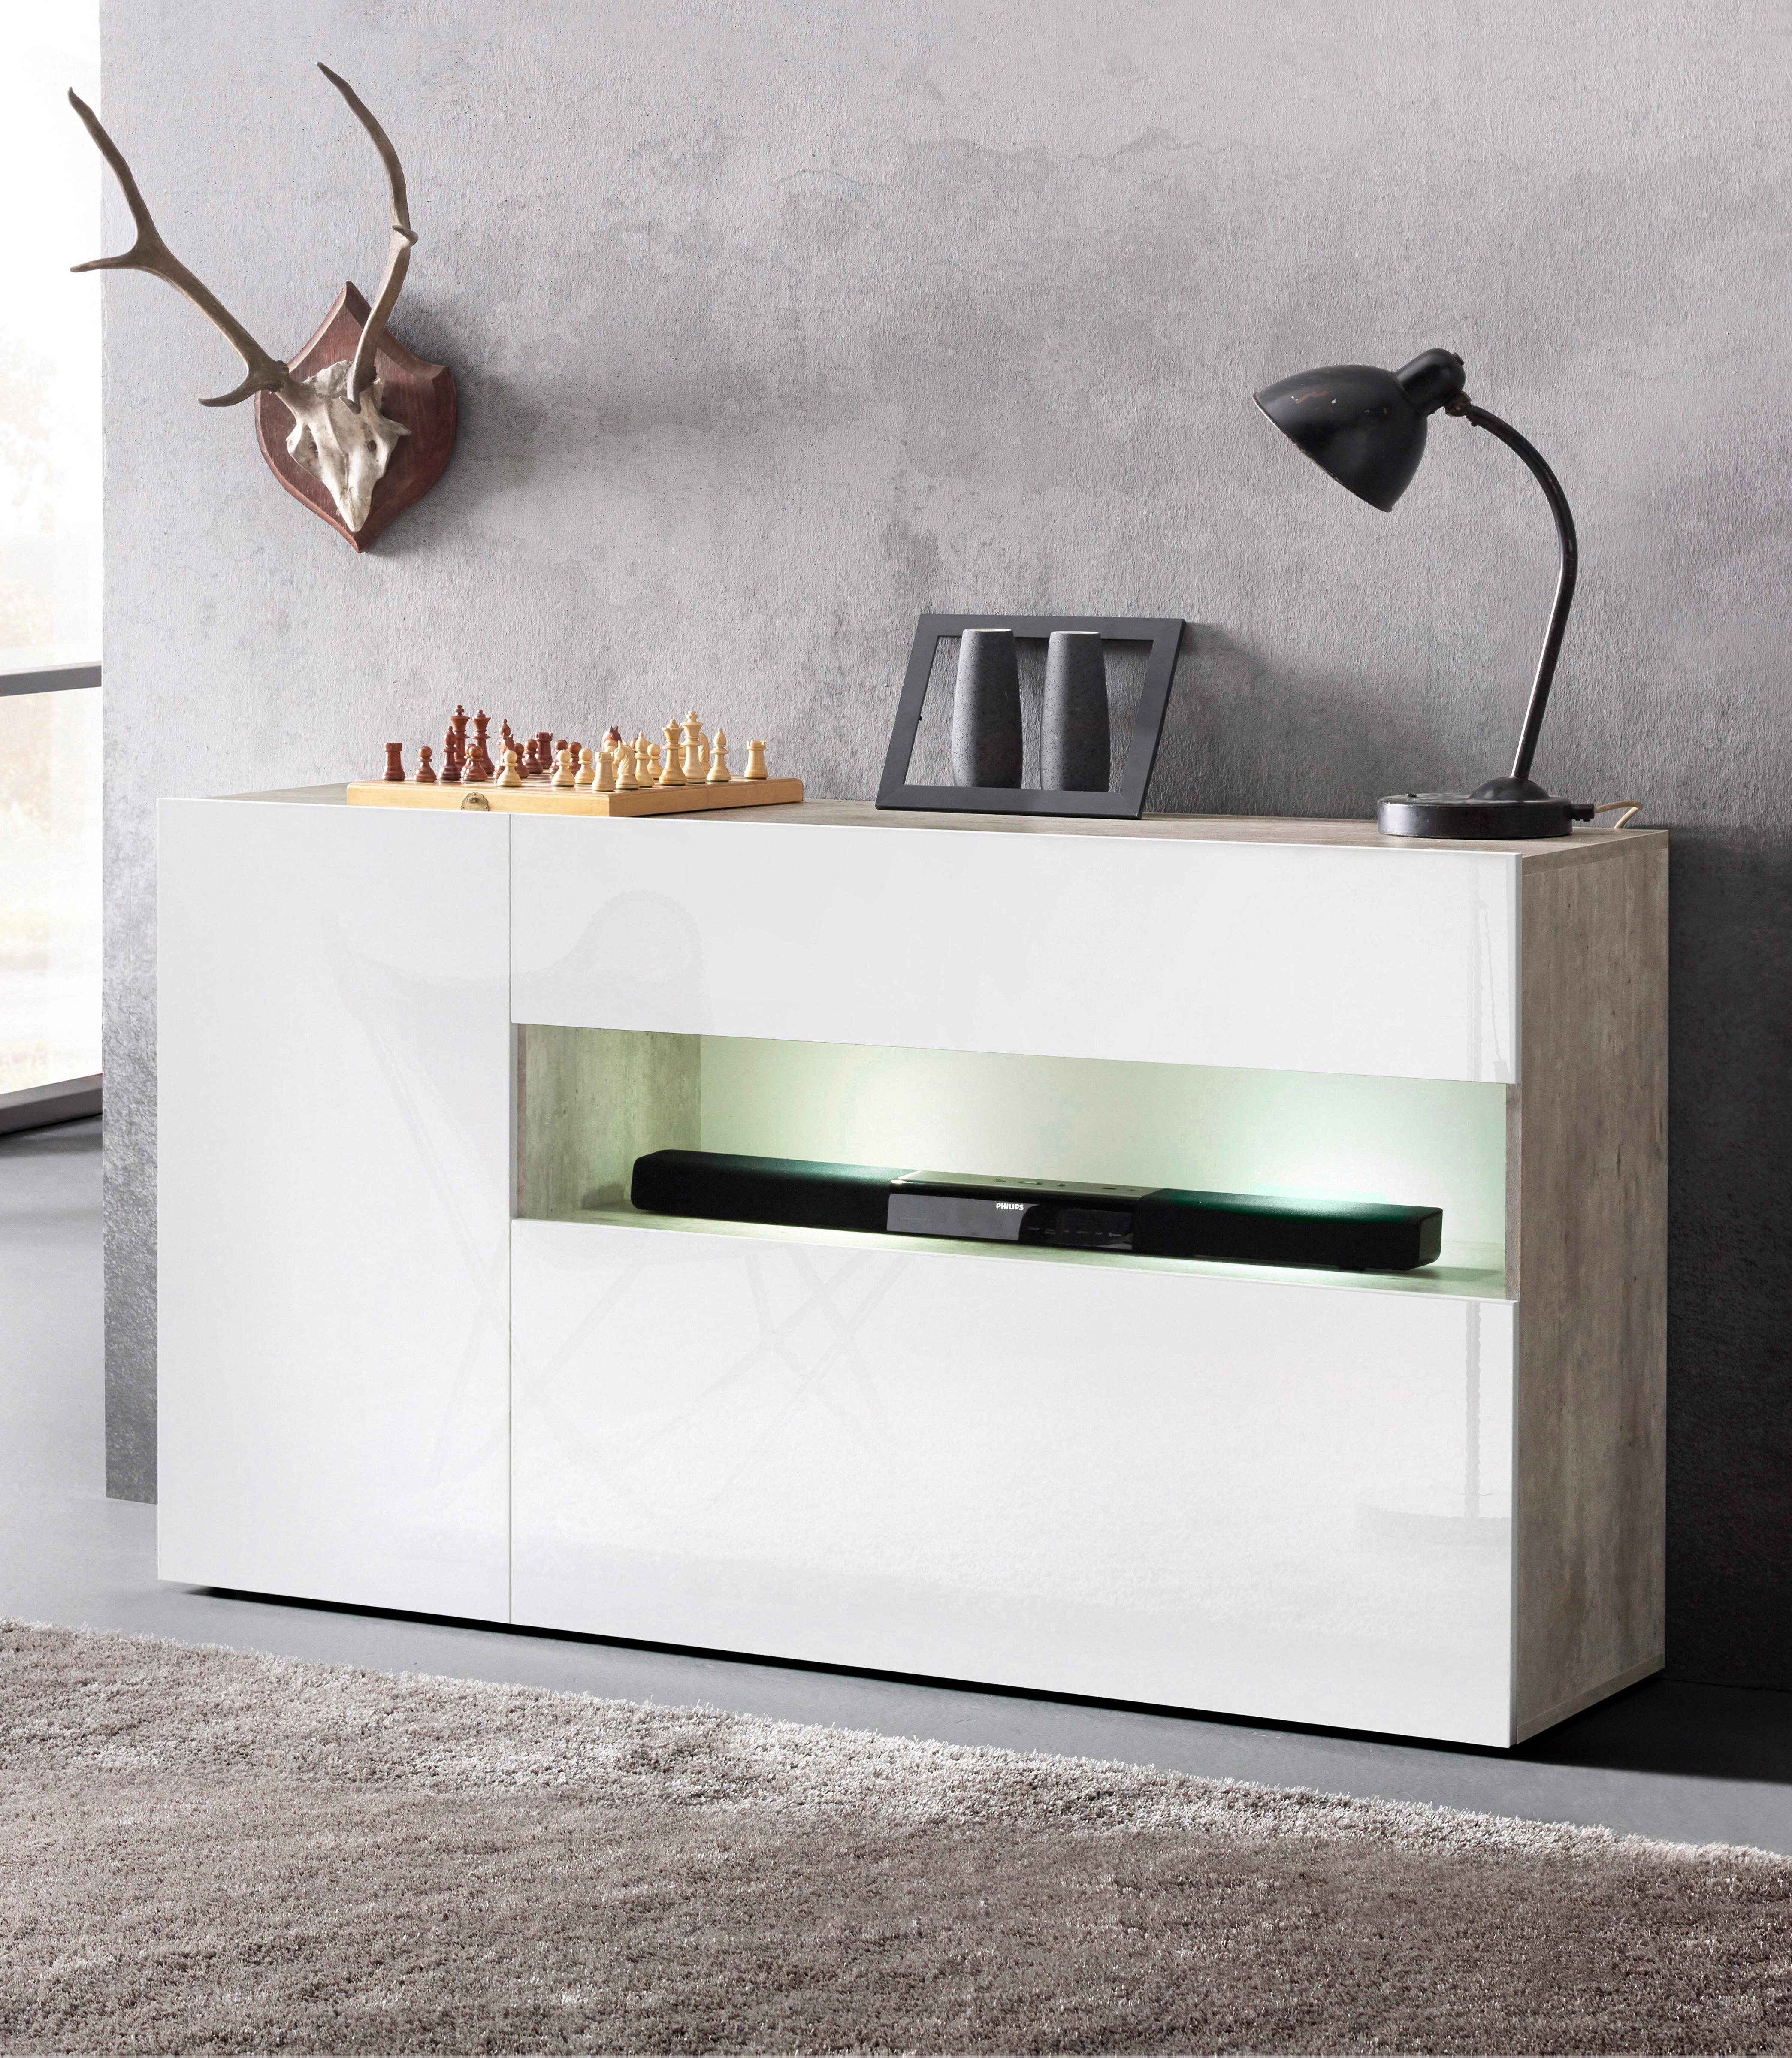 Einrichten Wohnzimmer Originell Design Couch Fussboden Hochglanz Köstlich Wohnwand Fotografie Kamin Neu Wei C3 9f